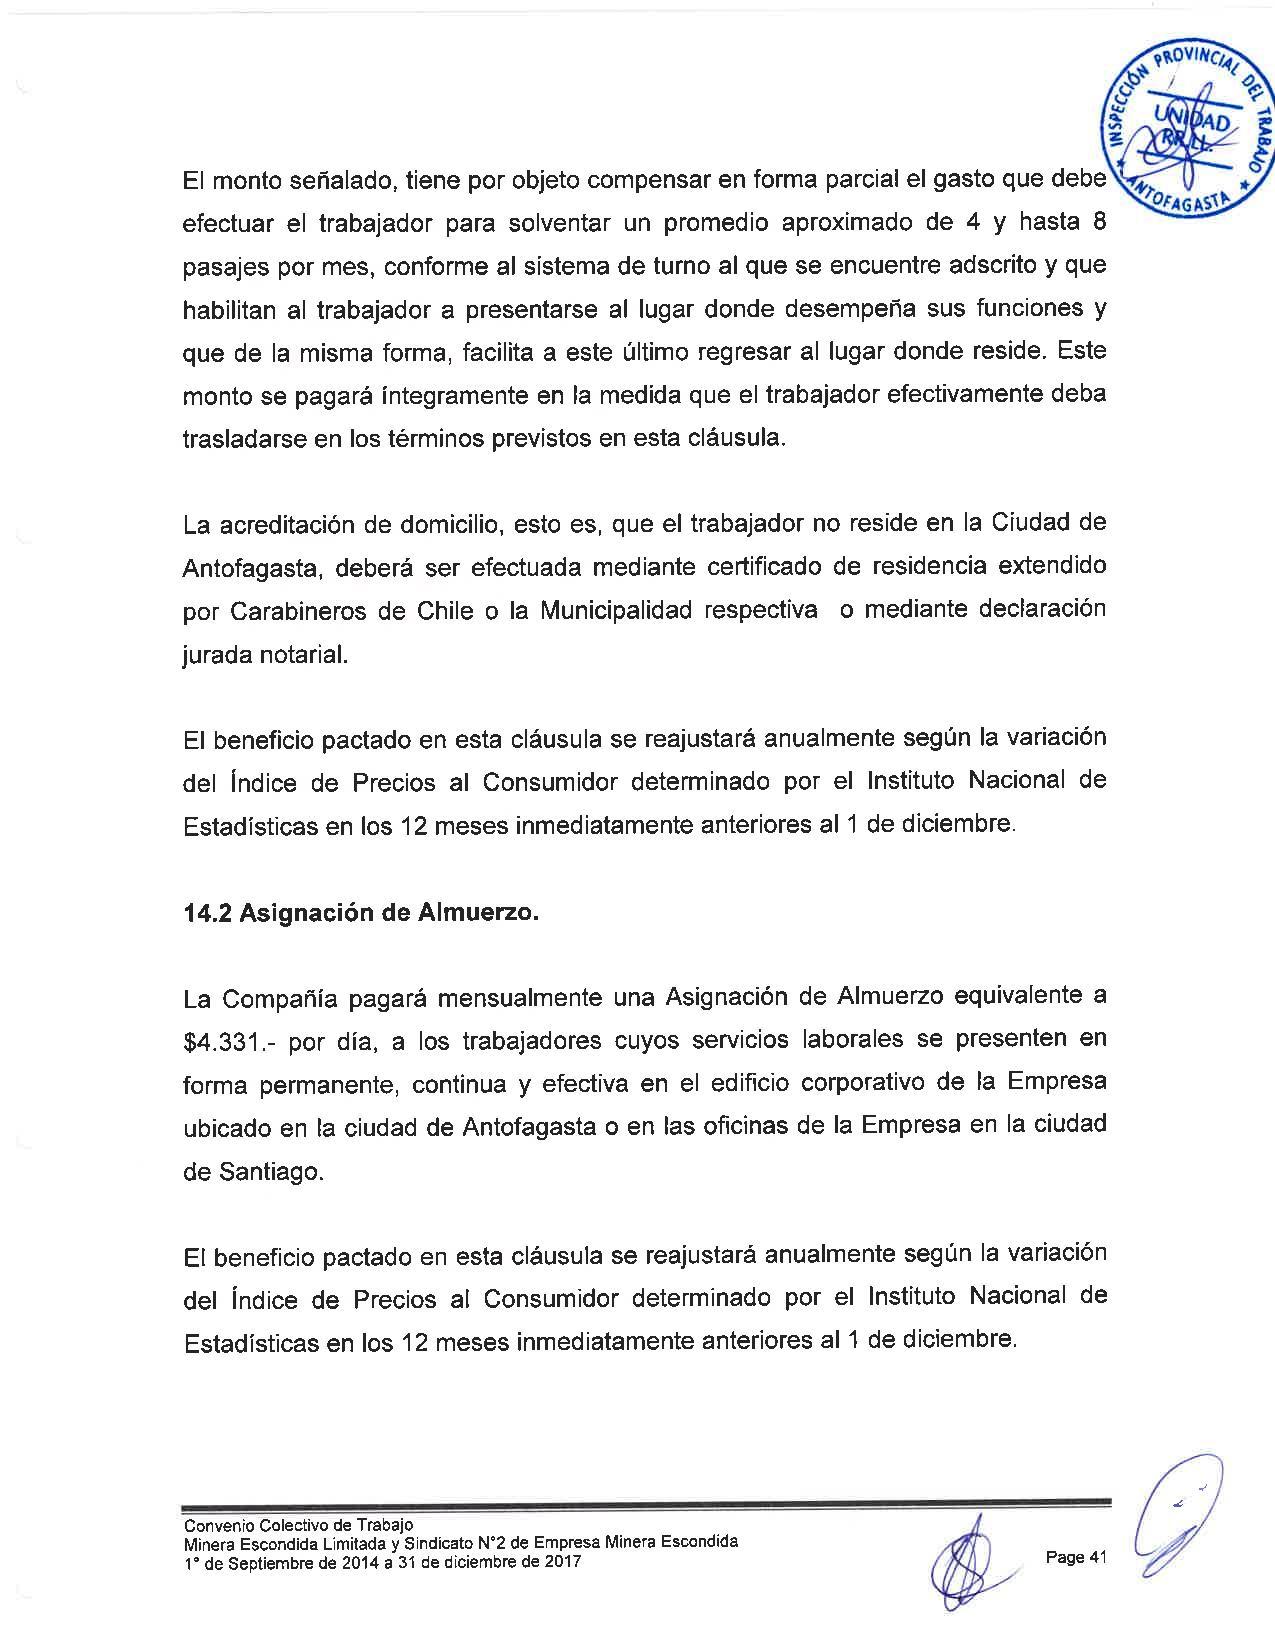 Página (41).jpg